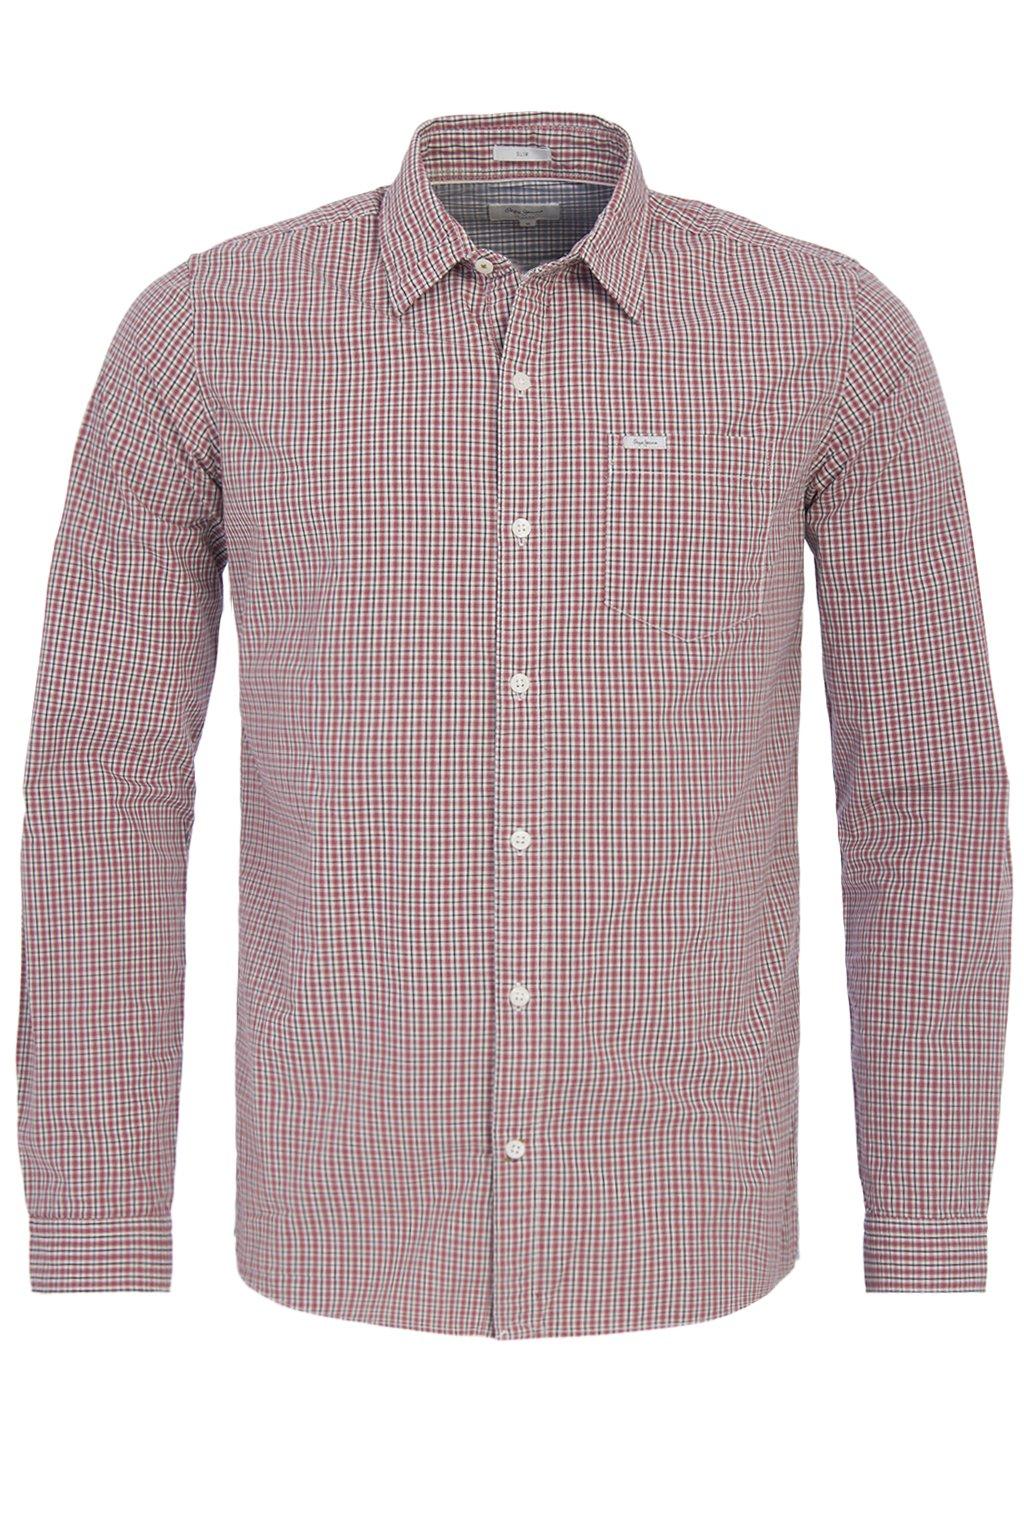 Košile Pepe Jeans PM302967 CADDY